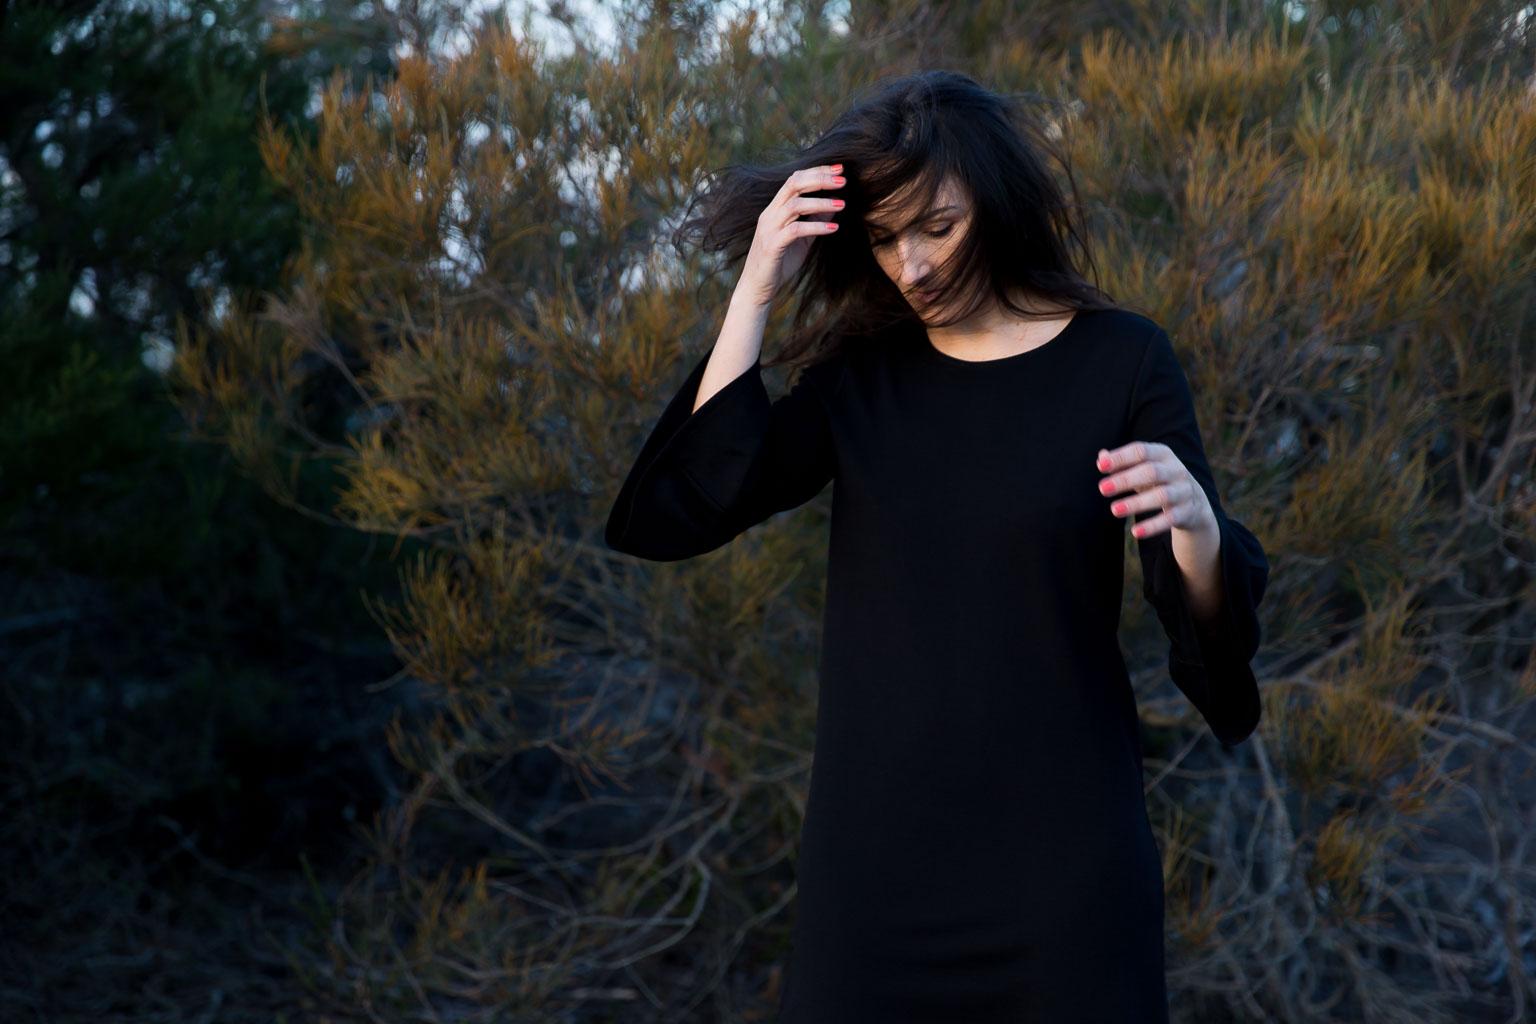 VanessaCantoviski-ModelingPortfolio-Sydney-JayLiozPhotography-August 02, 2017-32.jpg